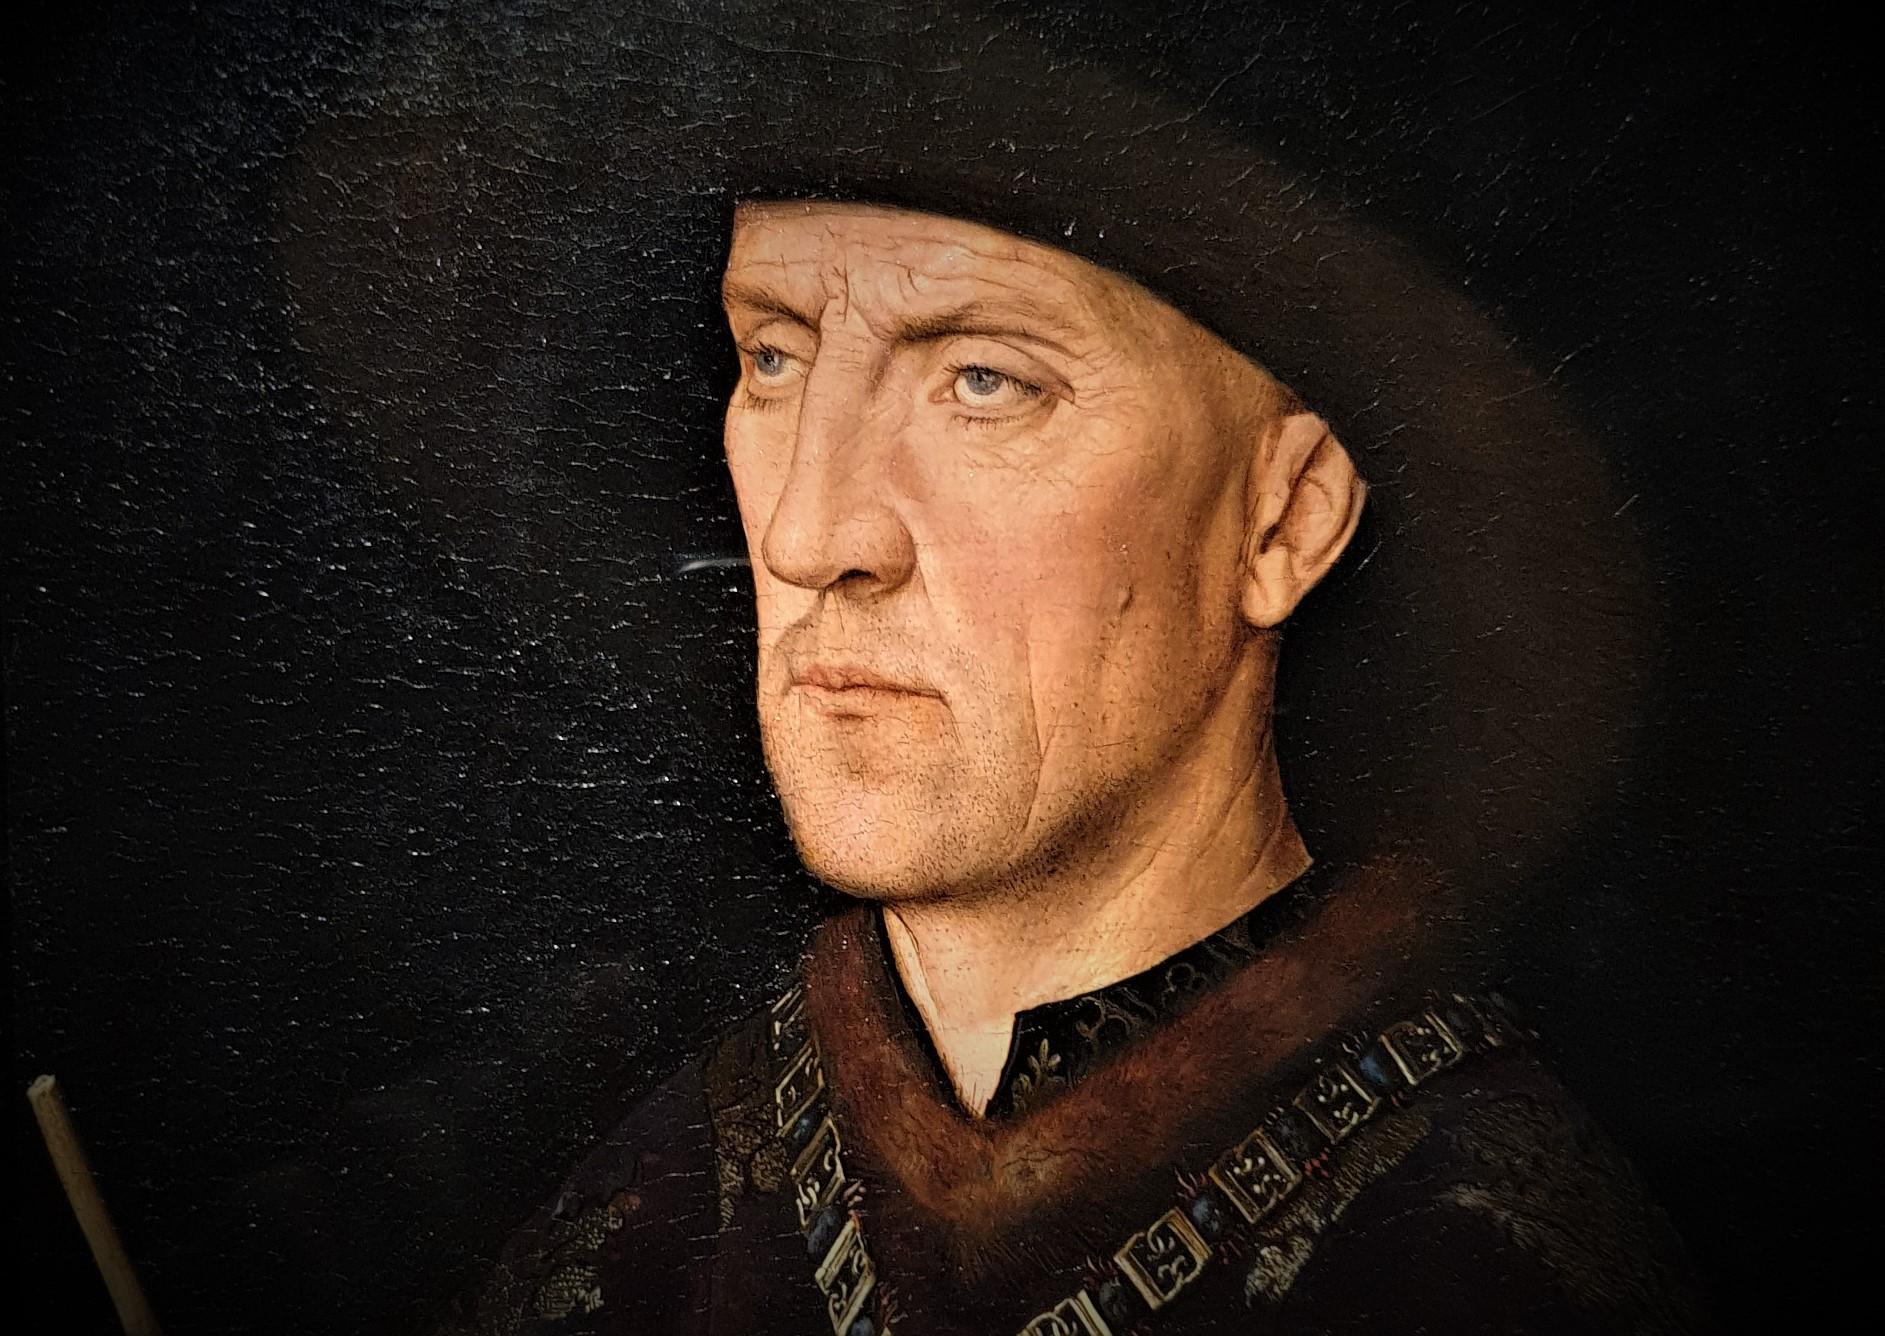 Le immagini in anteprima della mostra di Van Eyck a Gent. Un evento sensazionale e irripetibile